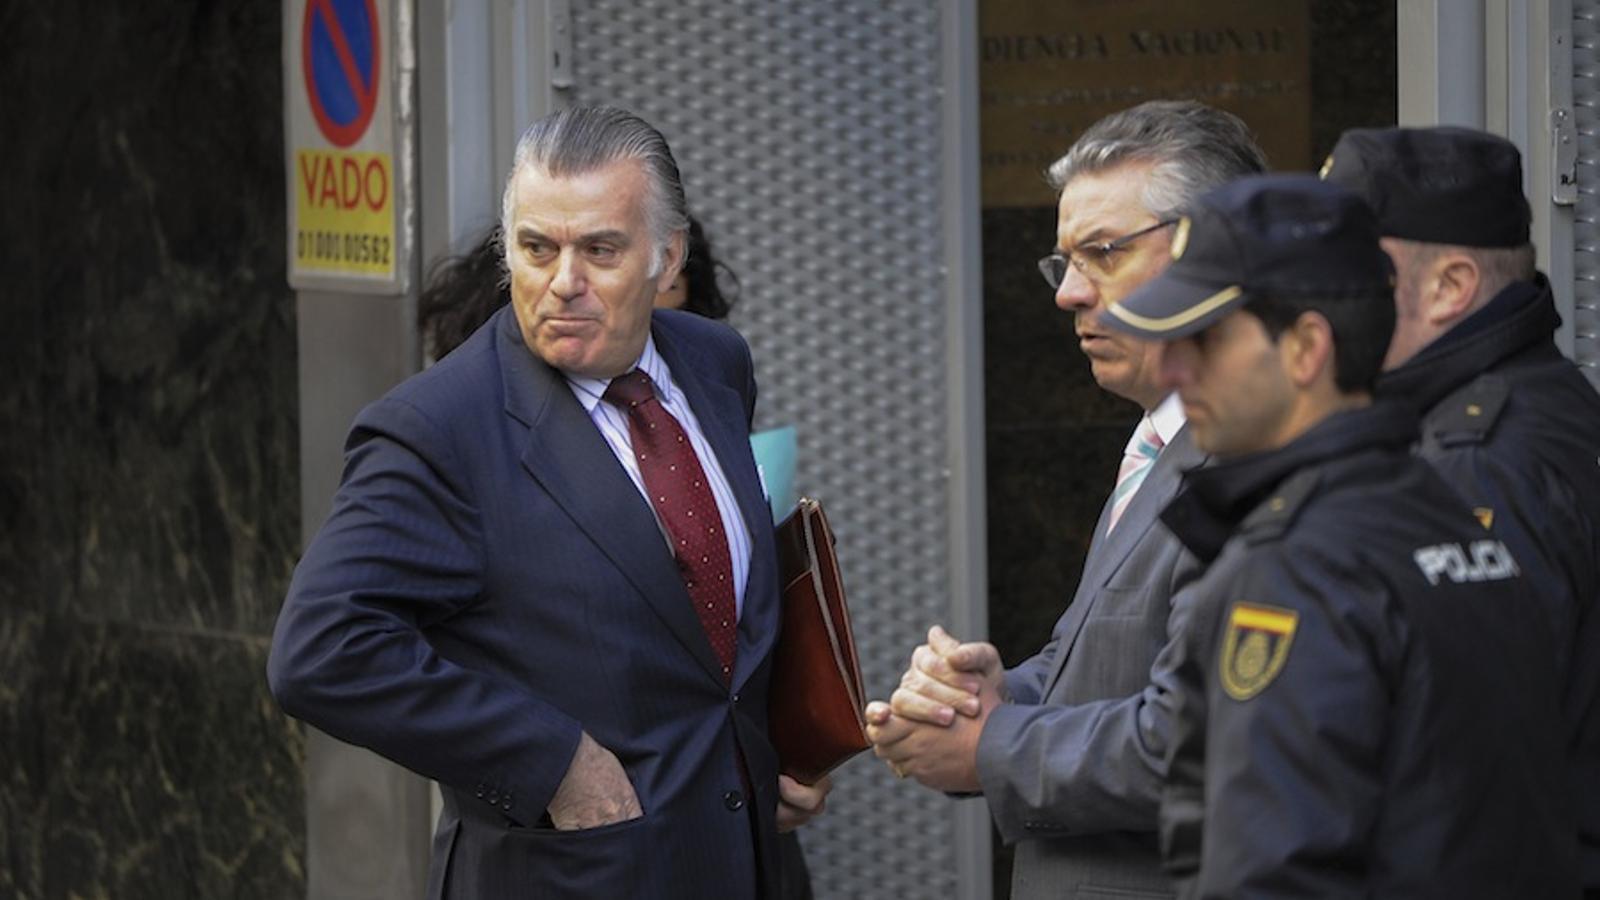 El jutge investiga si la policia va robar documentació a Bárcenas per afavorir el PP